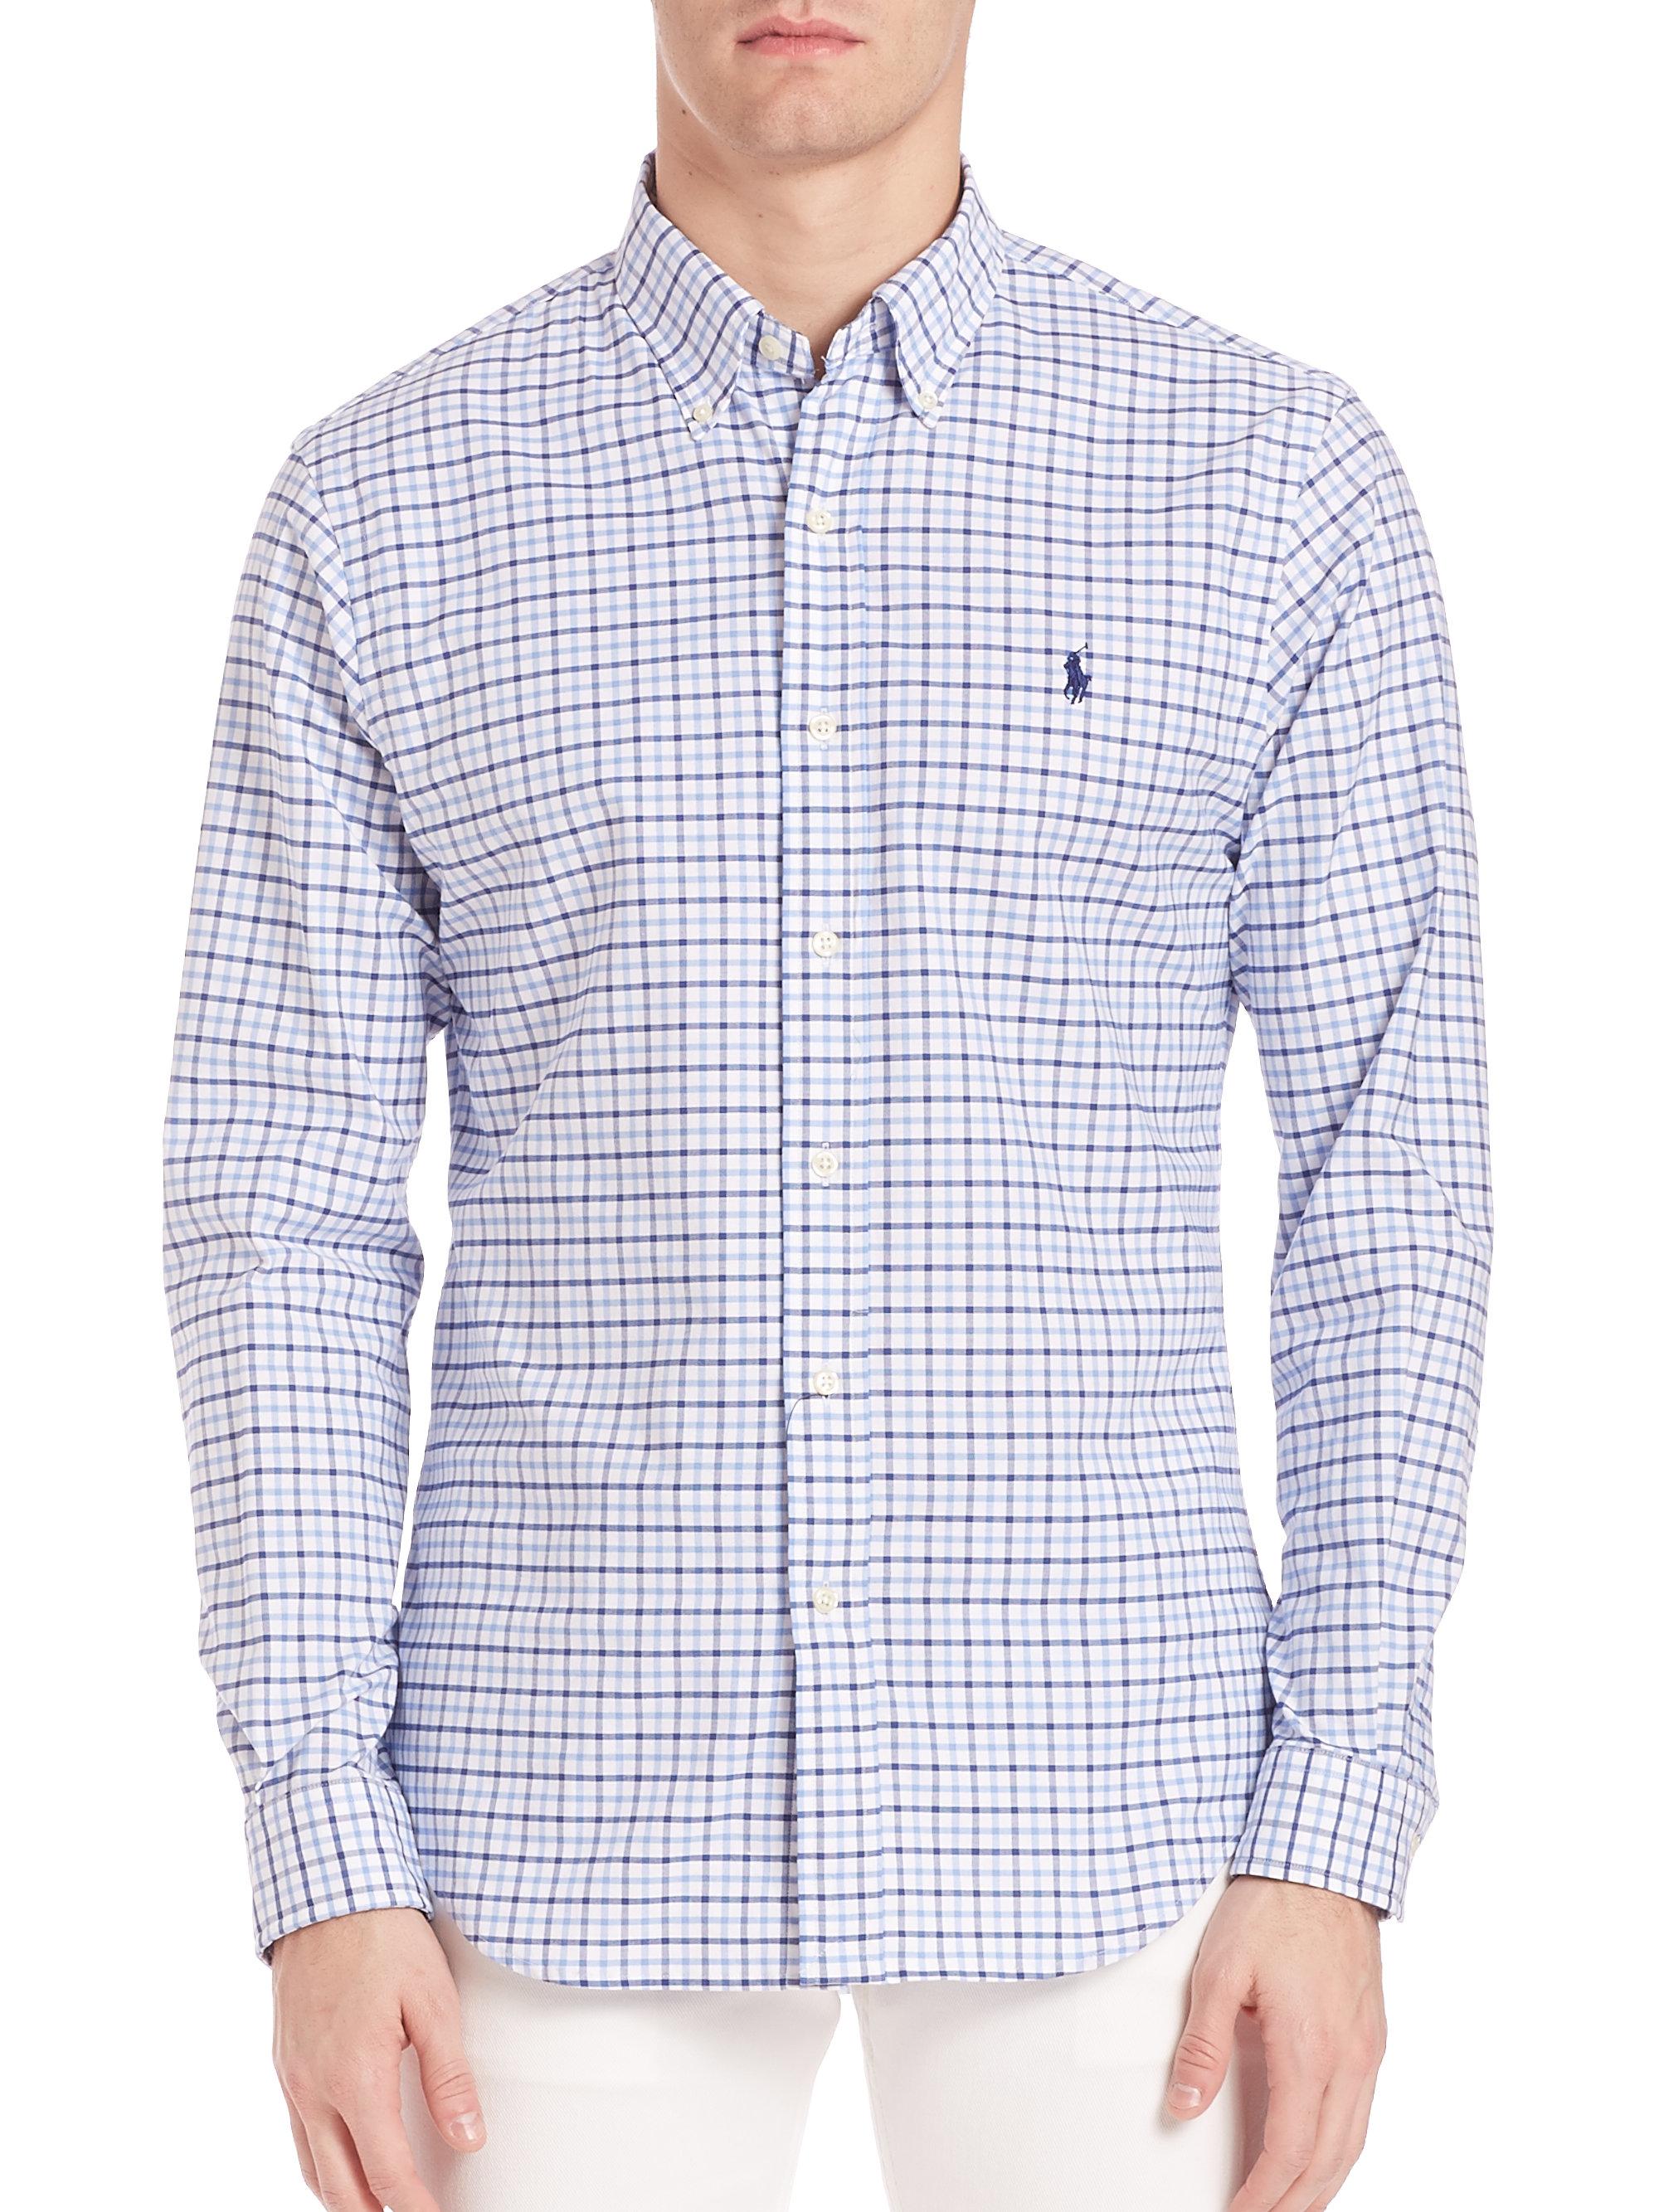 2f3ddde2a 50% off lyst polo ralph lauren oxford shirt slim fit in blue for men 3768d  5a8bd  spain ralph lauren womens blue oxford shirt 5683e a720d